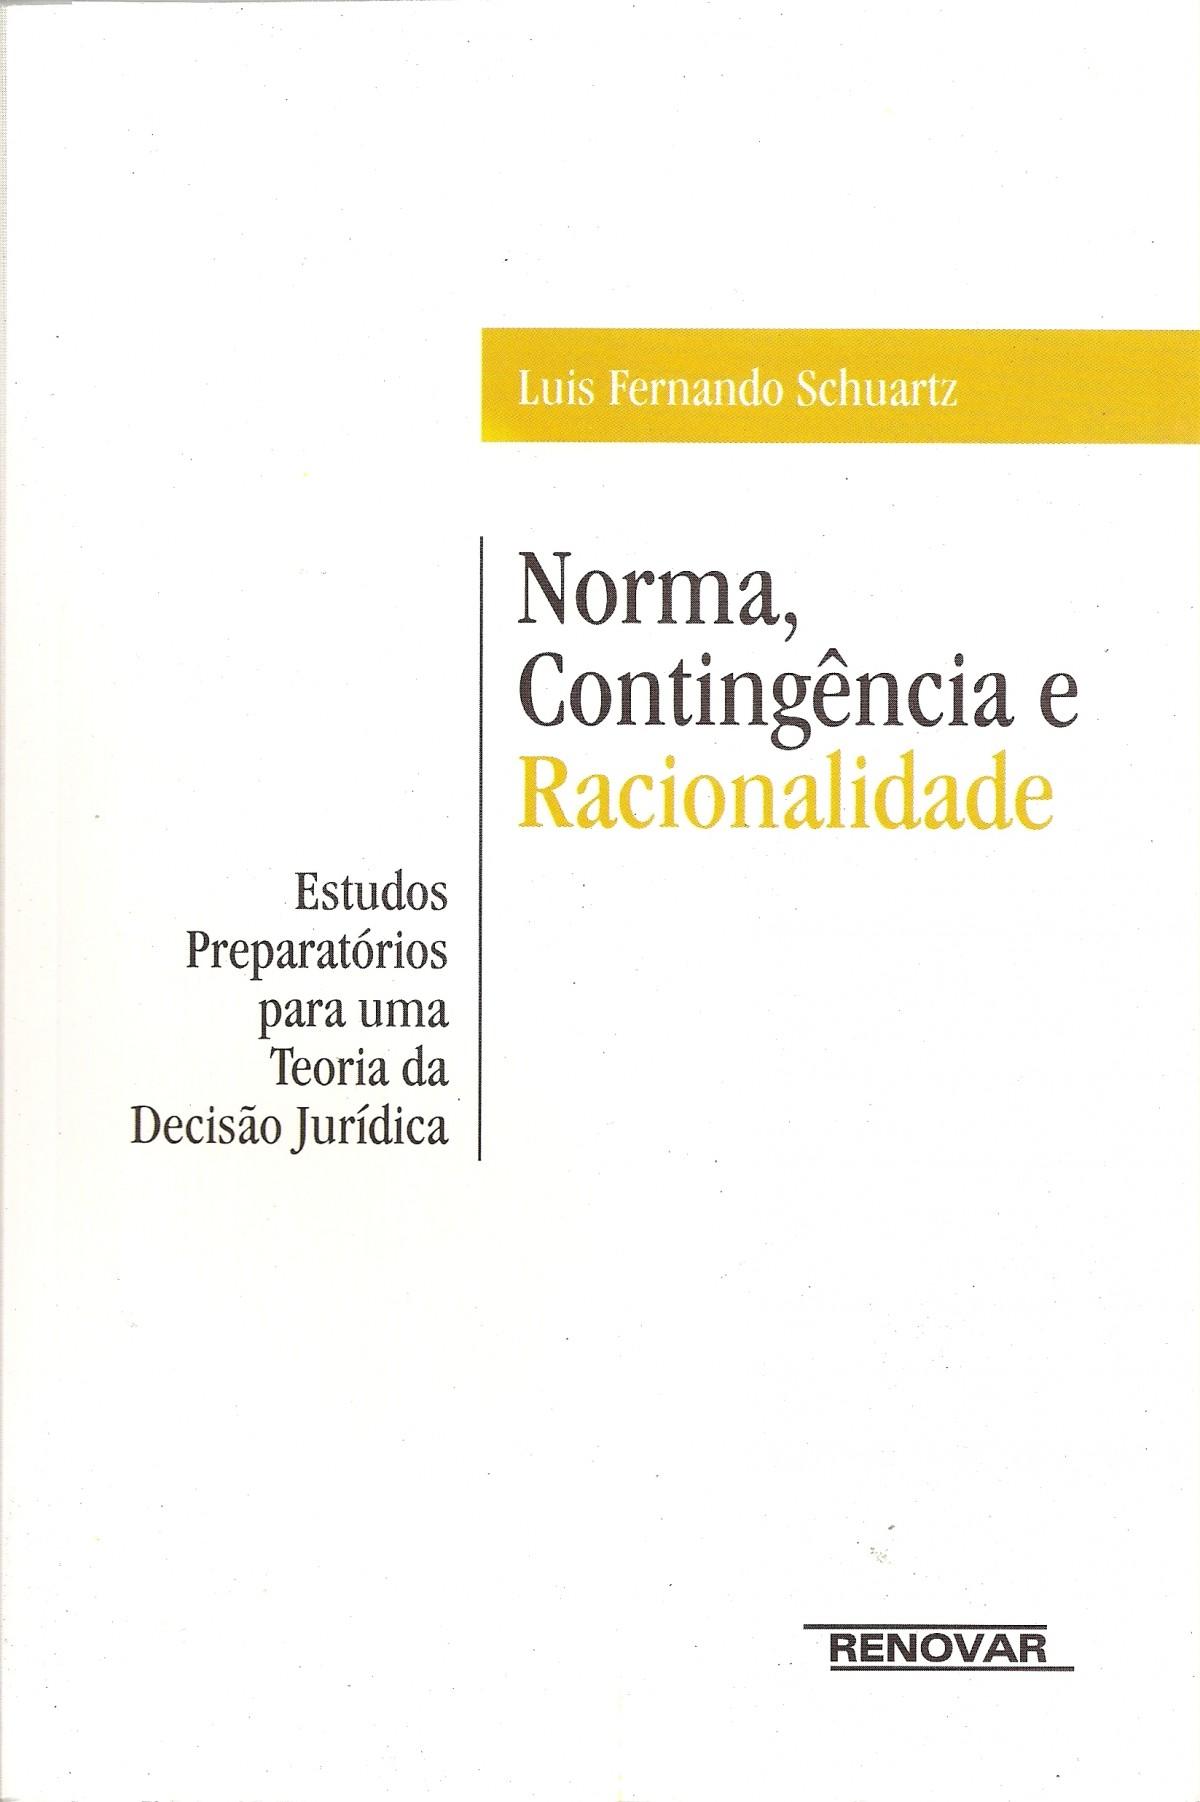 Foto 1 - Norma, Contingência e Racionalidade